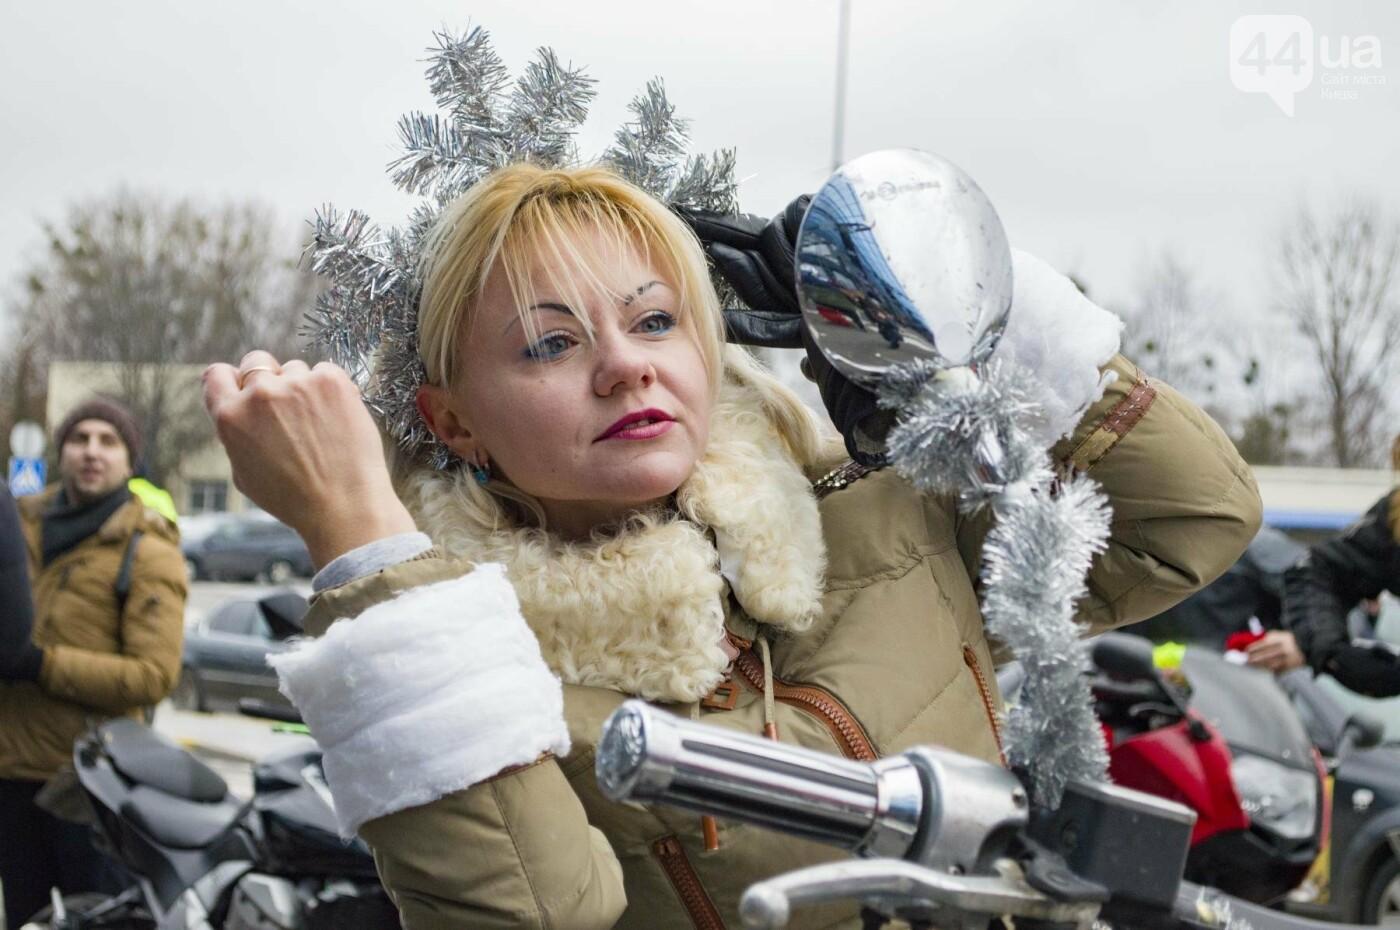 В Киеве брутальные байкеры в костюмах Санта-Клаусов устроили масштабный мотопробег (ФОТО), фото-8